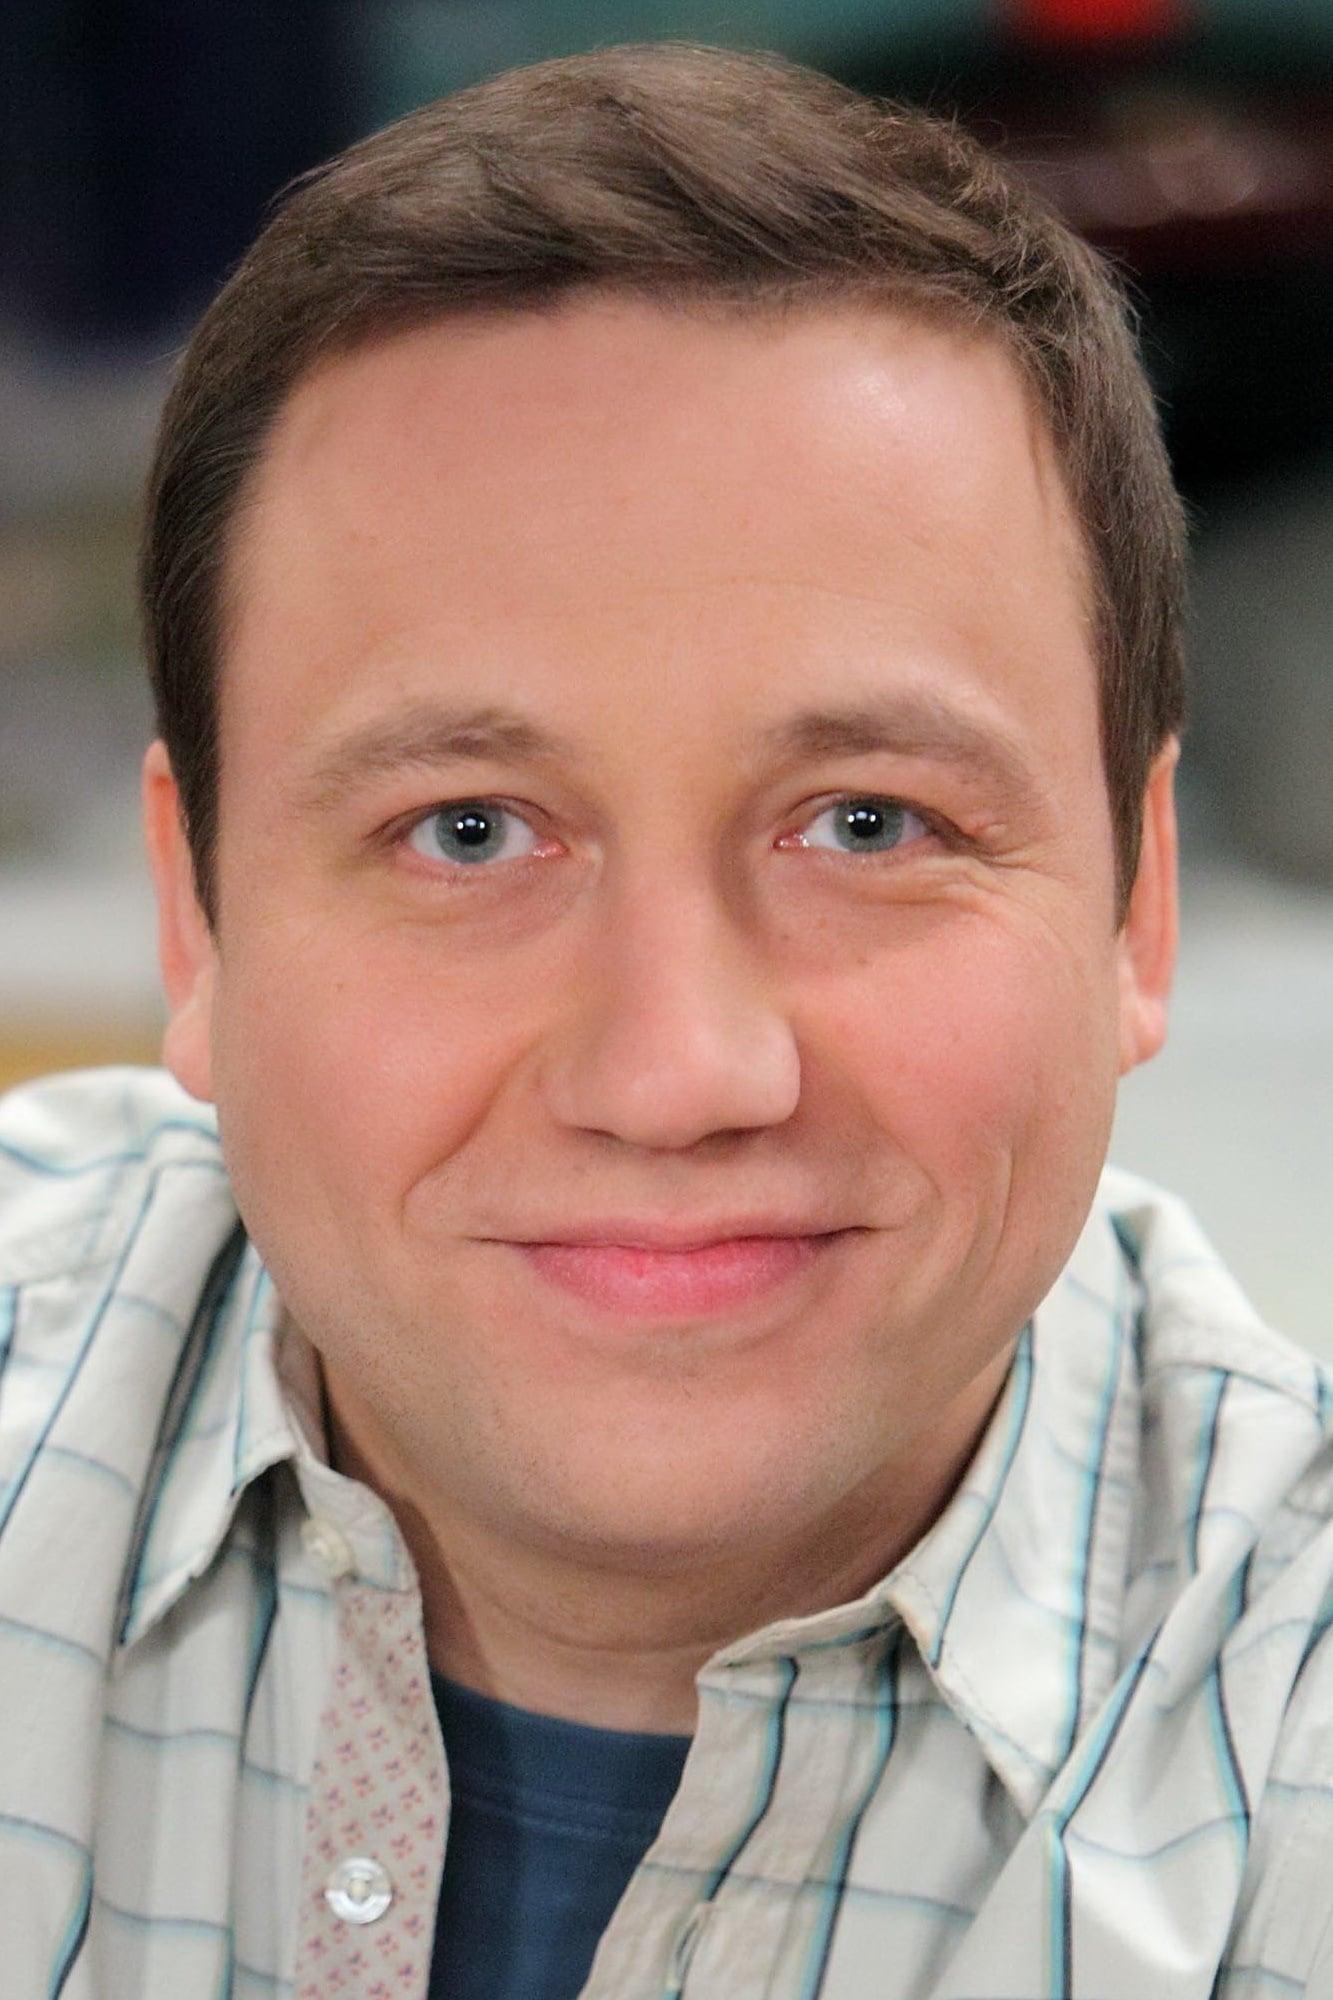 Georgiy Dronov